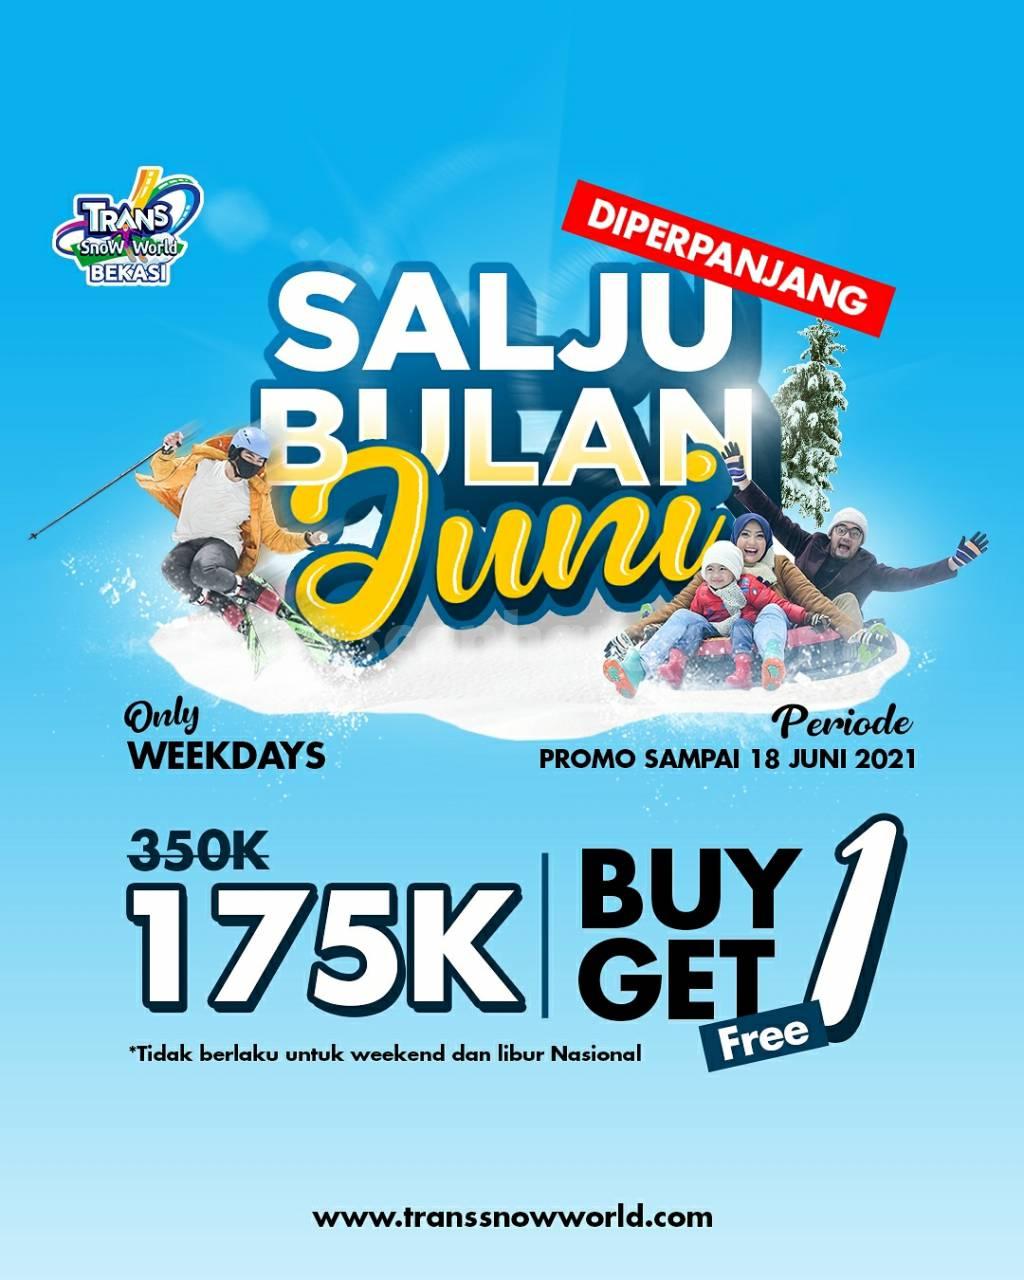 Promo Trans Snow World Bekasi Buy 1 Get 1 Free! Salju Bulan Juni 2021